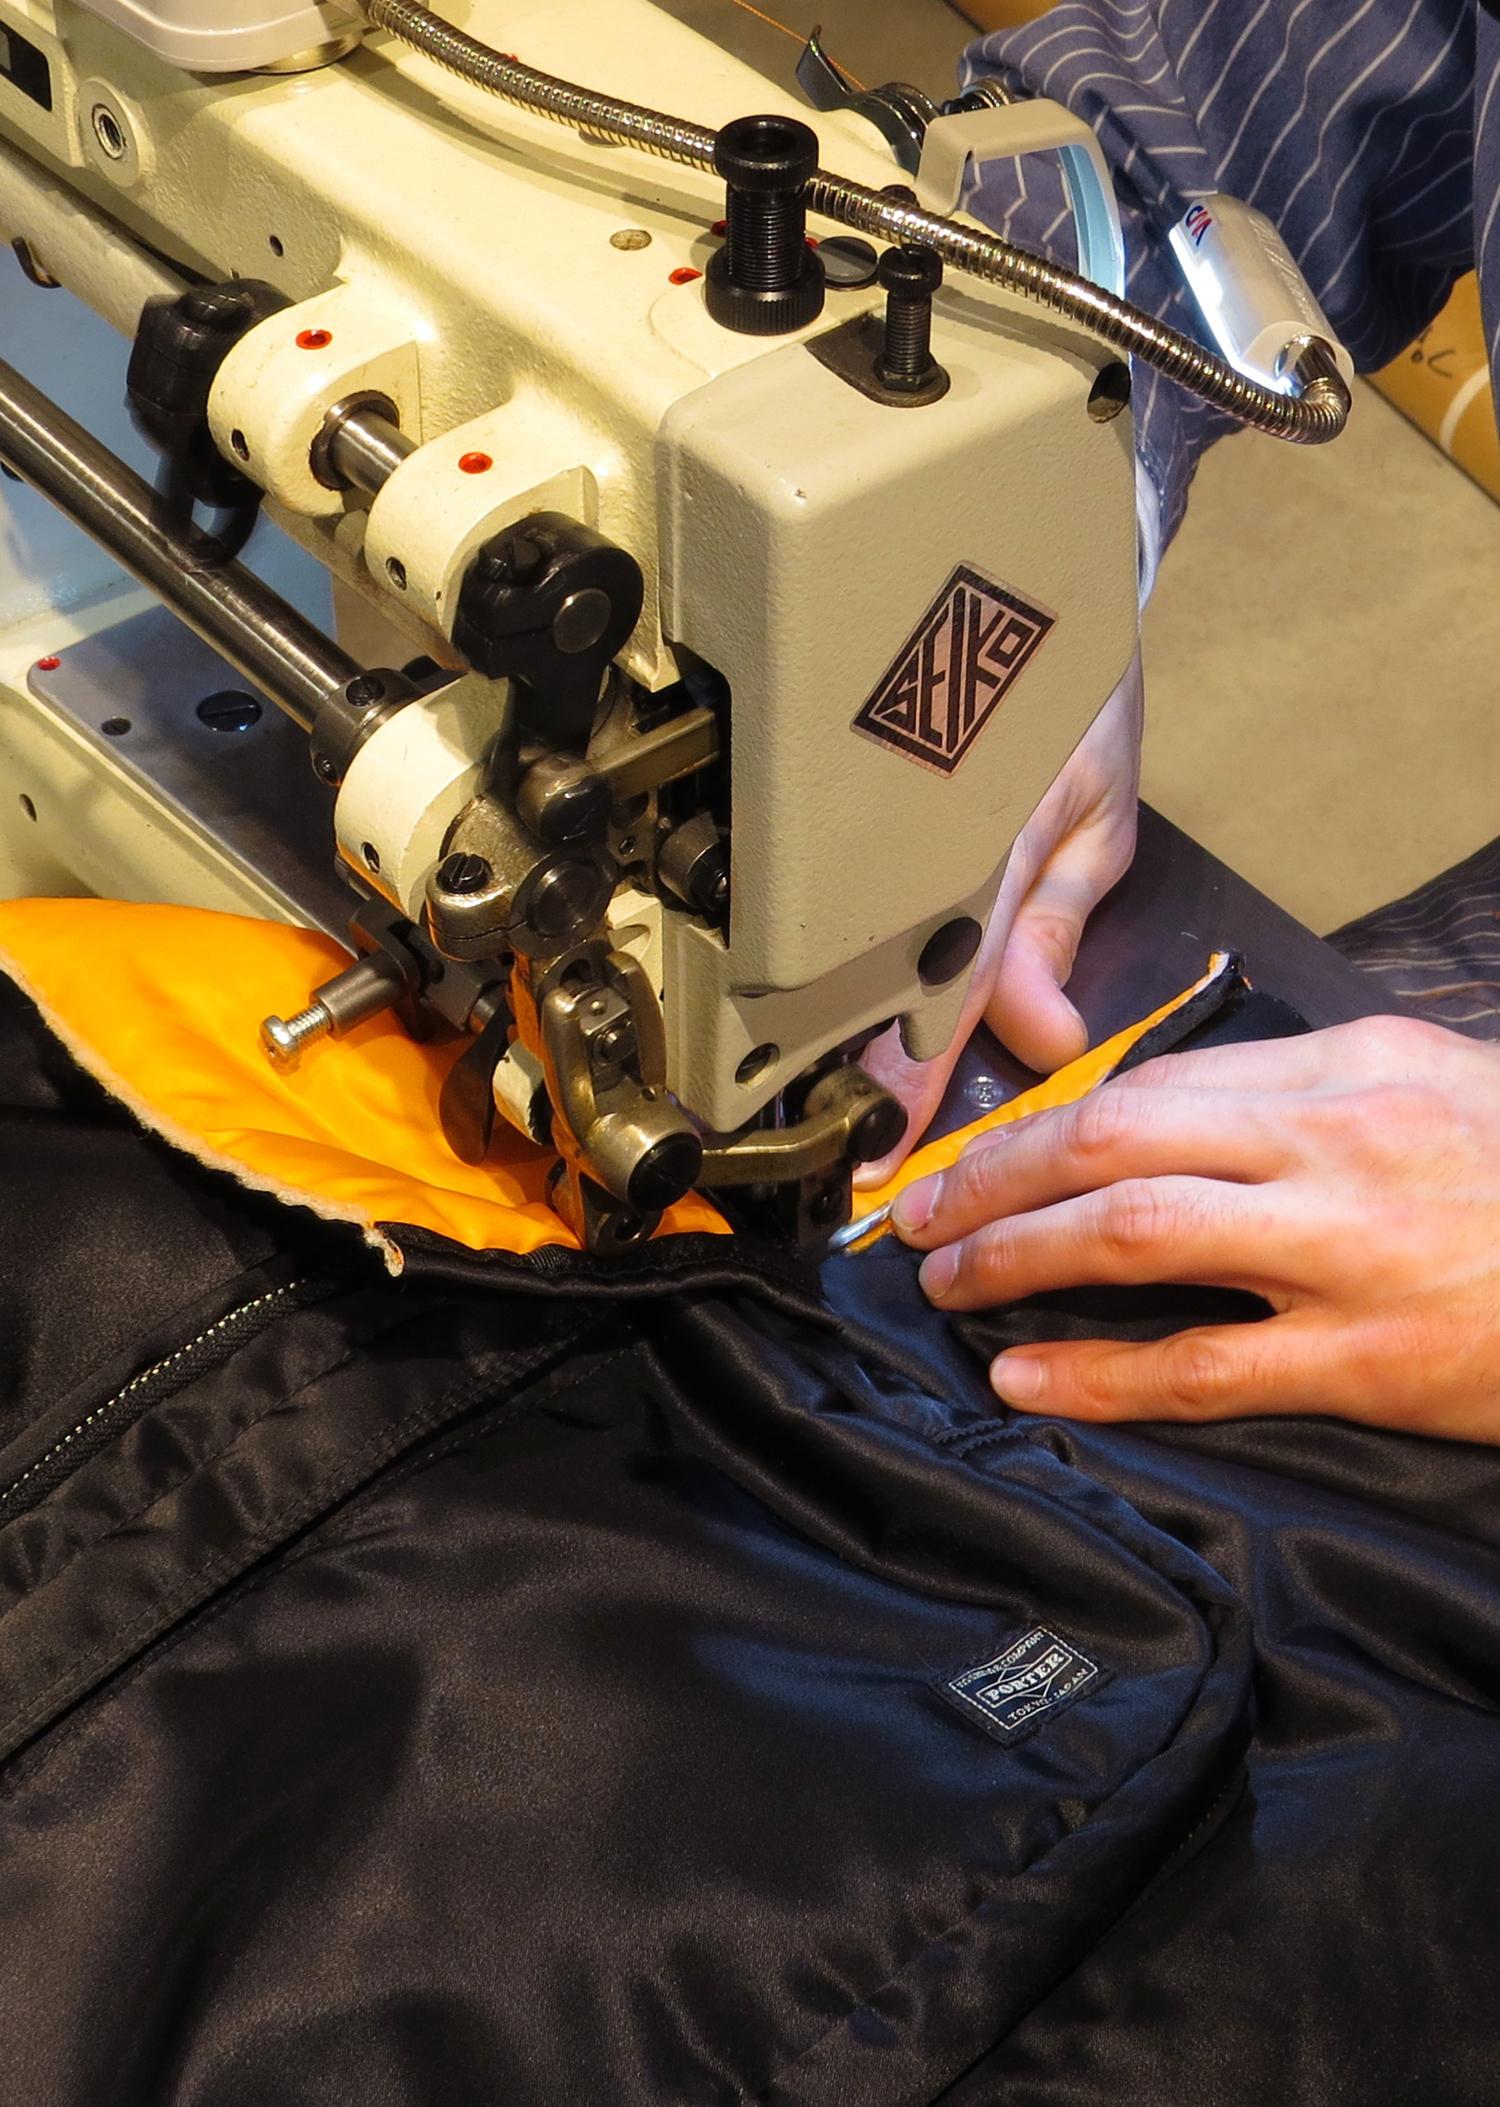 PORTER ブランドの代表シリーズ「TANKER」の製作過程も見学可能